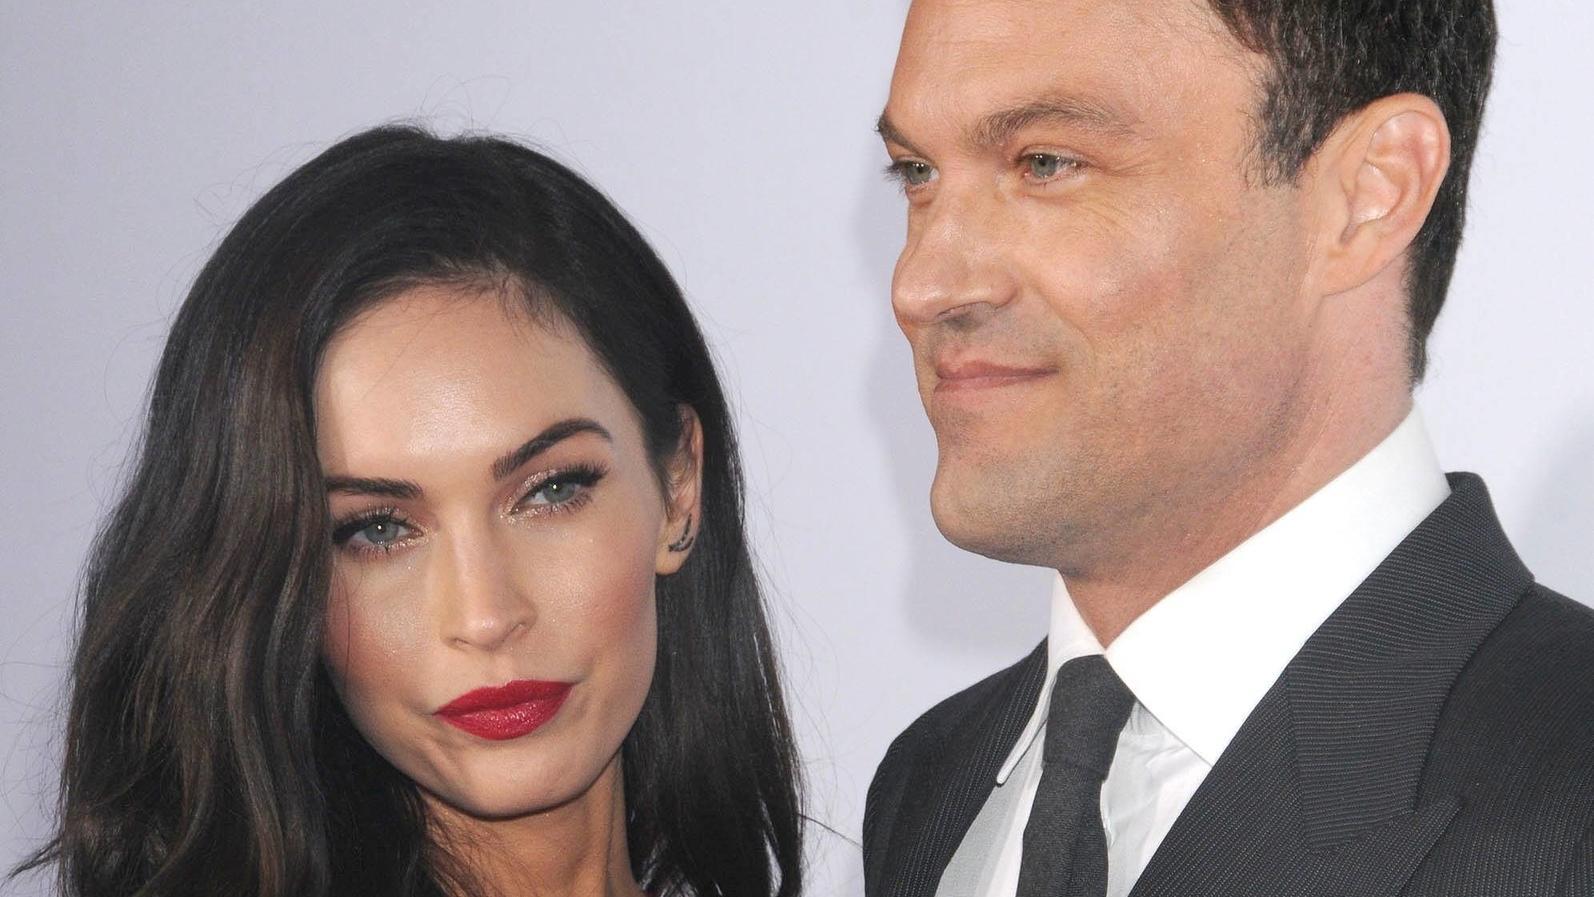 Megan Fox und Brian Austin Green: Sie hat die Scheidung eingereicht